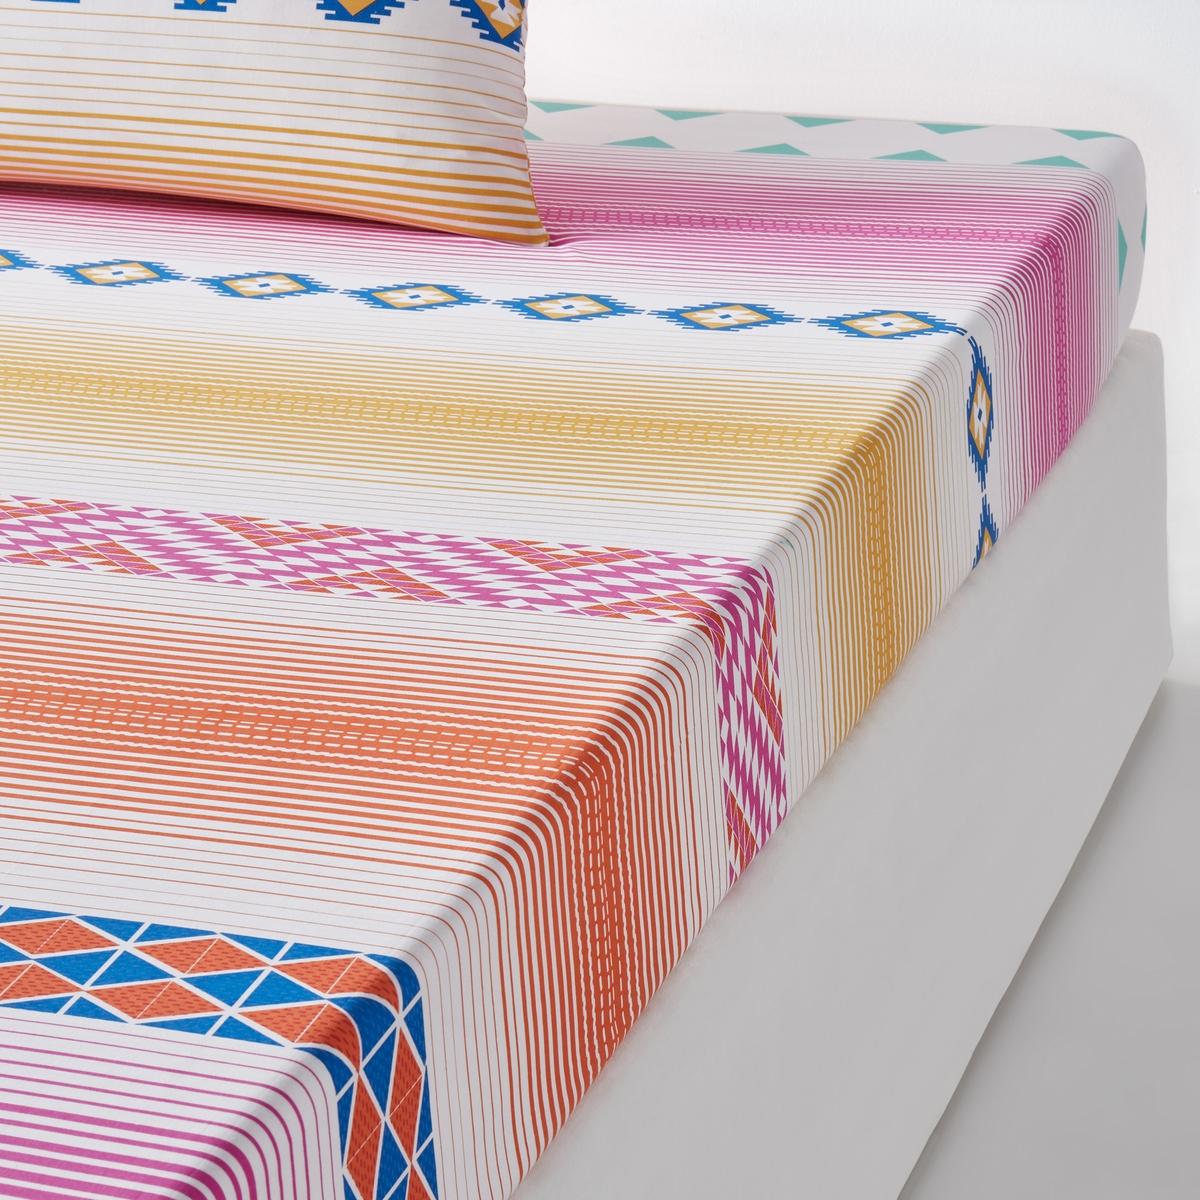 Простыня натяжная, 100% хлопок, BrazosХарактеристики натяжной простыни из 100% хлопка Brazos : Натяжная простыня с рисунком в разноцветную полоску.100% хлопок, 57 нитей/см? : чем больше нитей/см?, тем выше качество ткани.Легкость ухода.Клапан 25 см.Машинная стирка при 60 °С.Откройте для себя всю коллекцию постельного белья Brazos на сайте laredoute.ru Знак Oeko-Tex® гарантирует, что товары прошли проверку и были изготовлены без применения вредных для здоровья человека веществ.Размеры :90 x 190 см : 1-сп.140 x 190 см : 2-сп.160 x 200 см : 2-сп.180 x 200 см : 2-сп<br><br>Цвет: набивной рисунок<br>Размер: 180 x 200  см